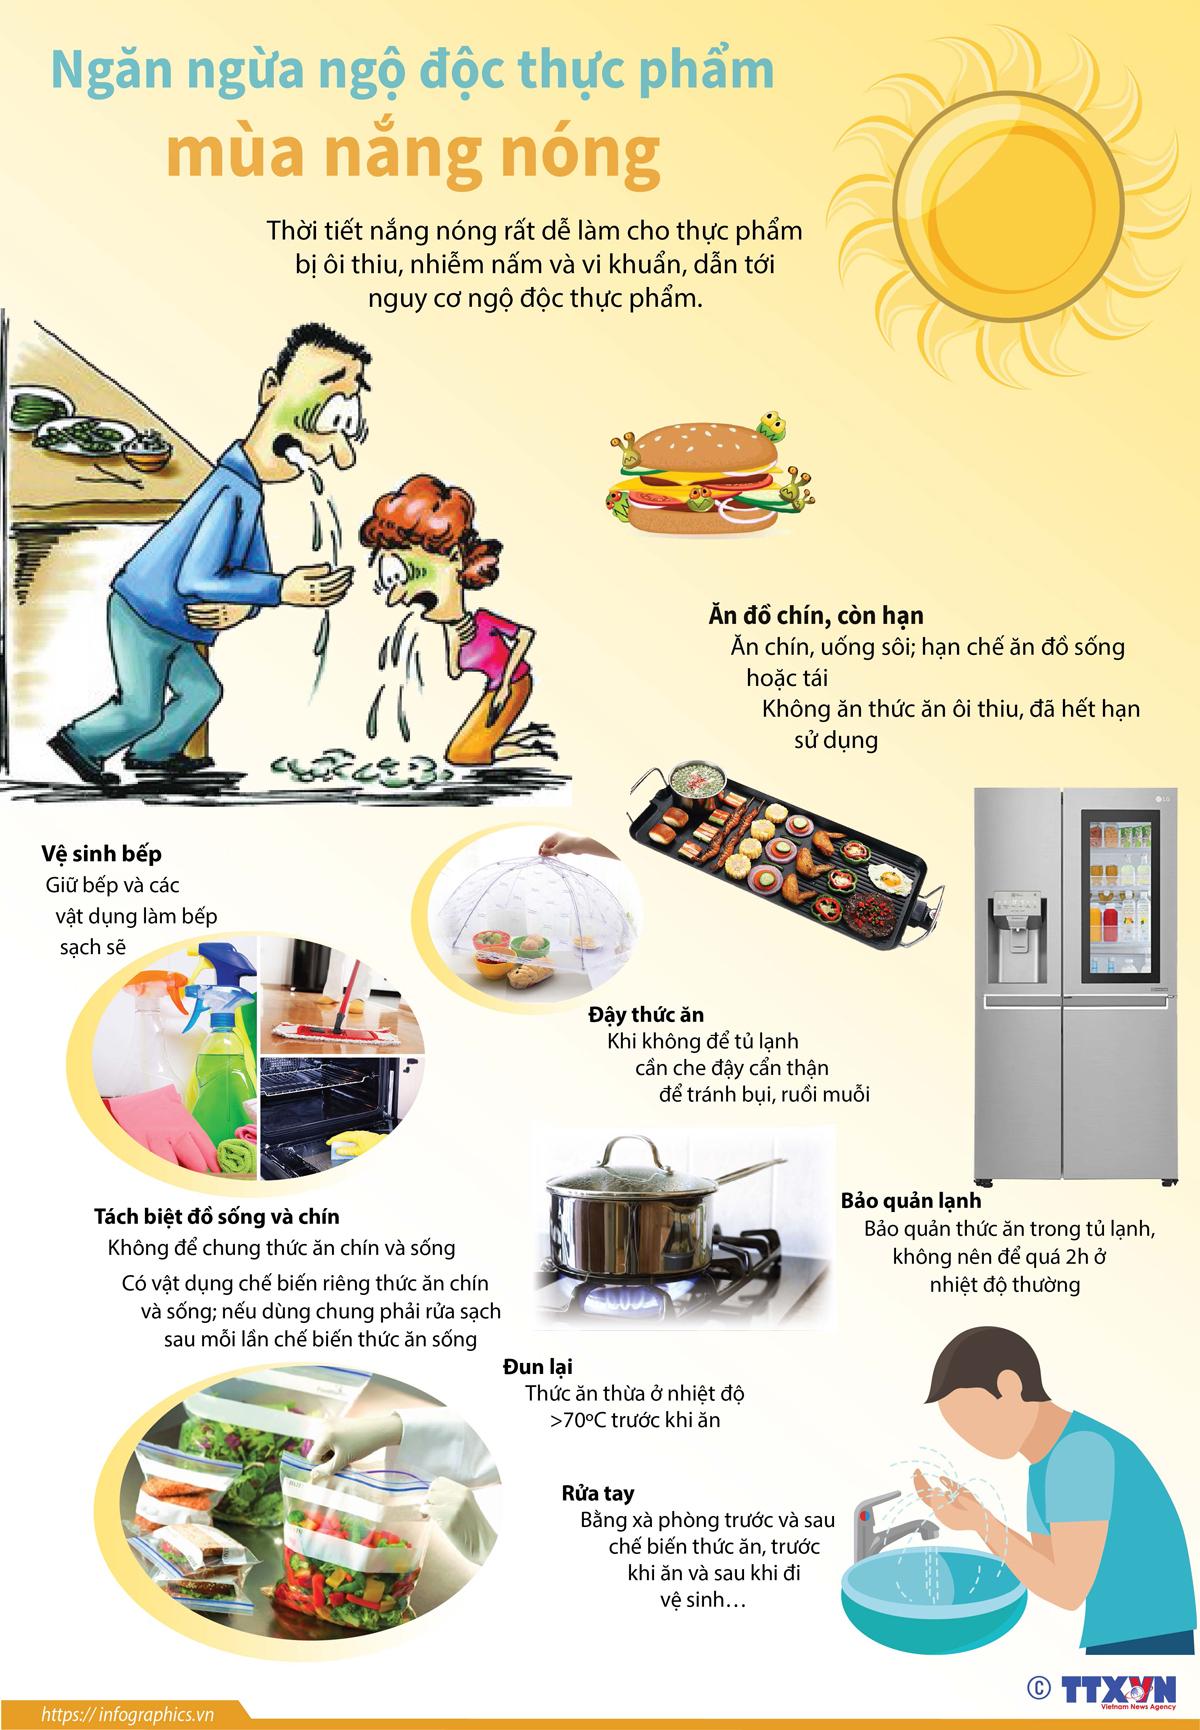 y tế-cộng đồng, ngộ độc thực phẩm, mùa nắng nóng